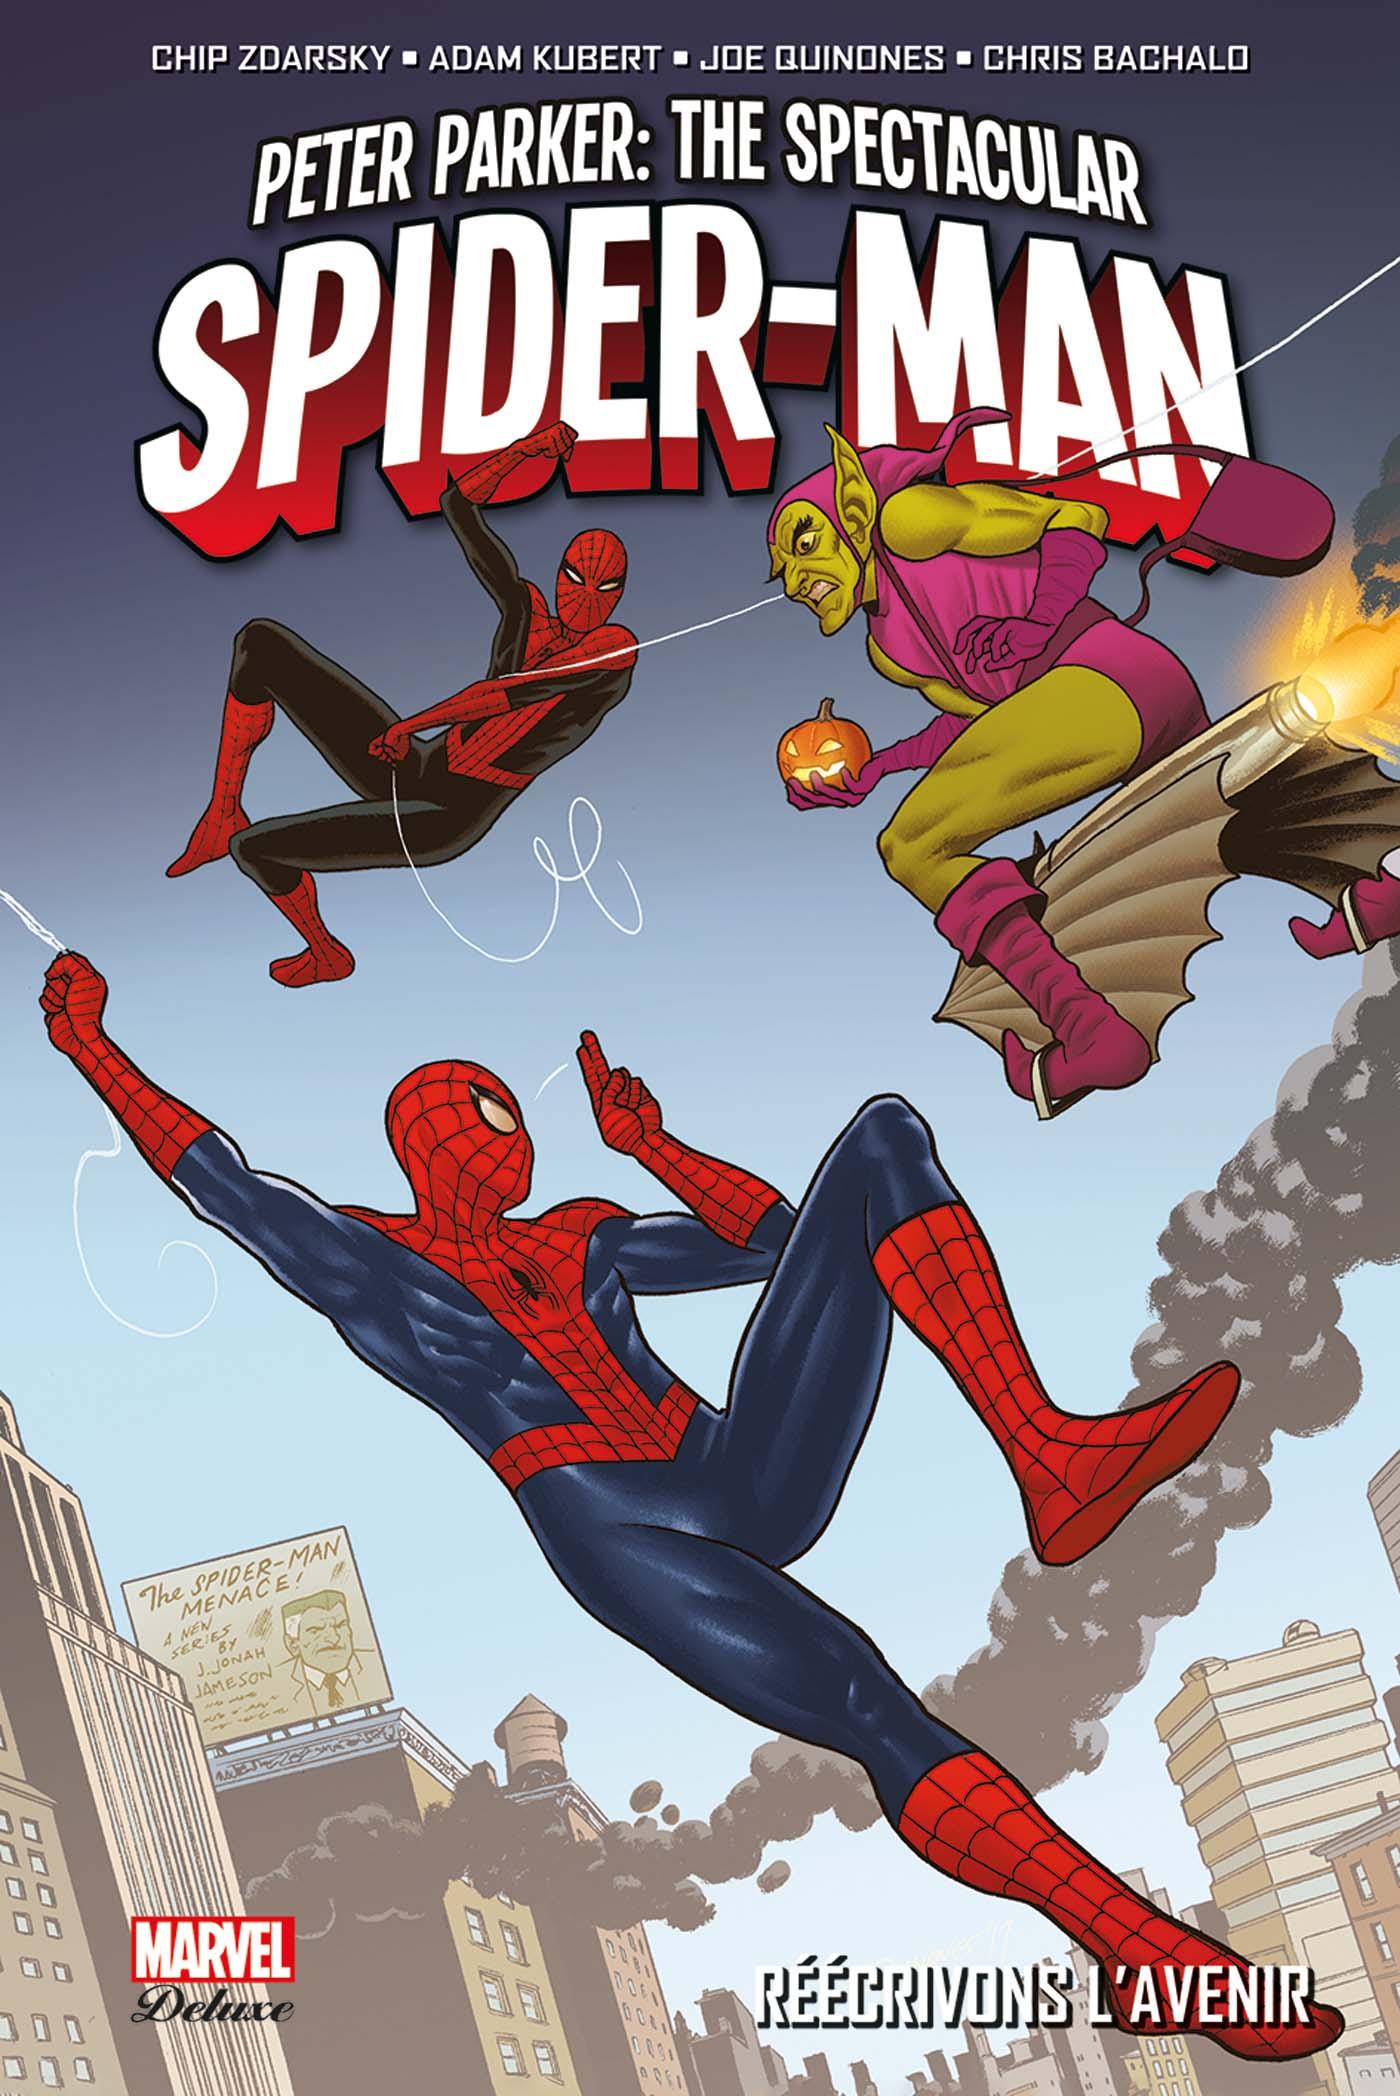 Peter Parker - The Spectacular Spider-Man 2 - RÉÉCRIVONS L'AVENIR